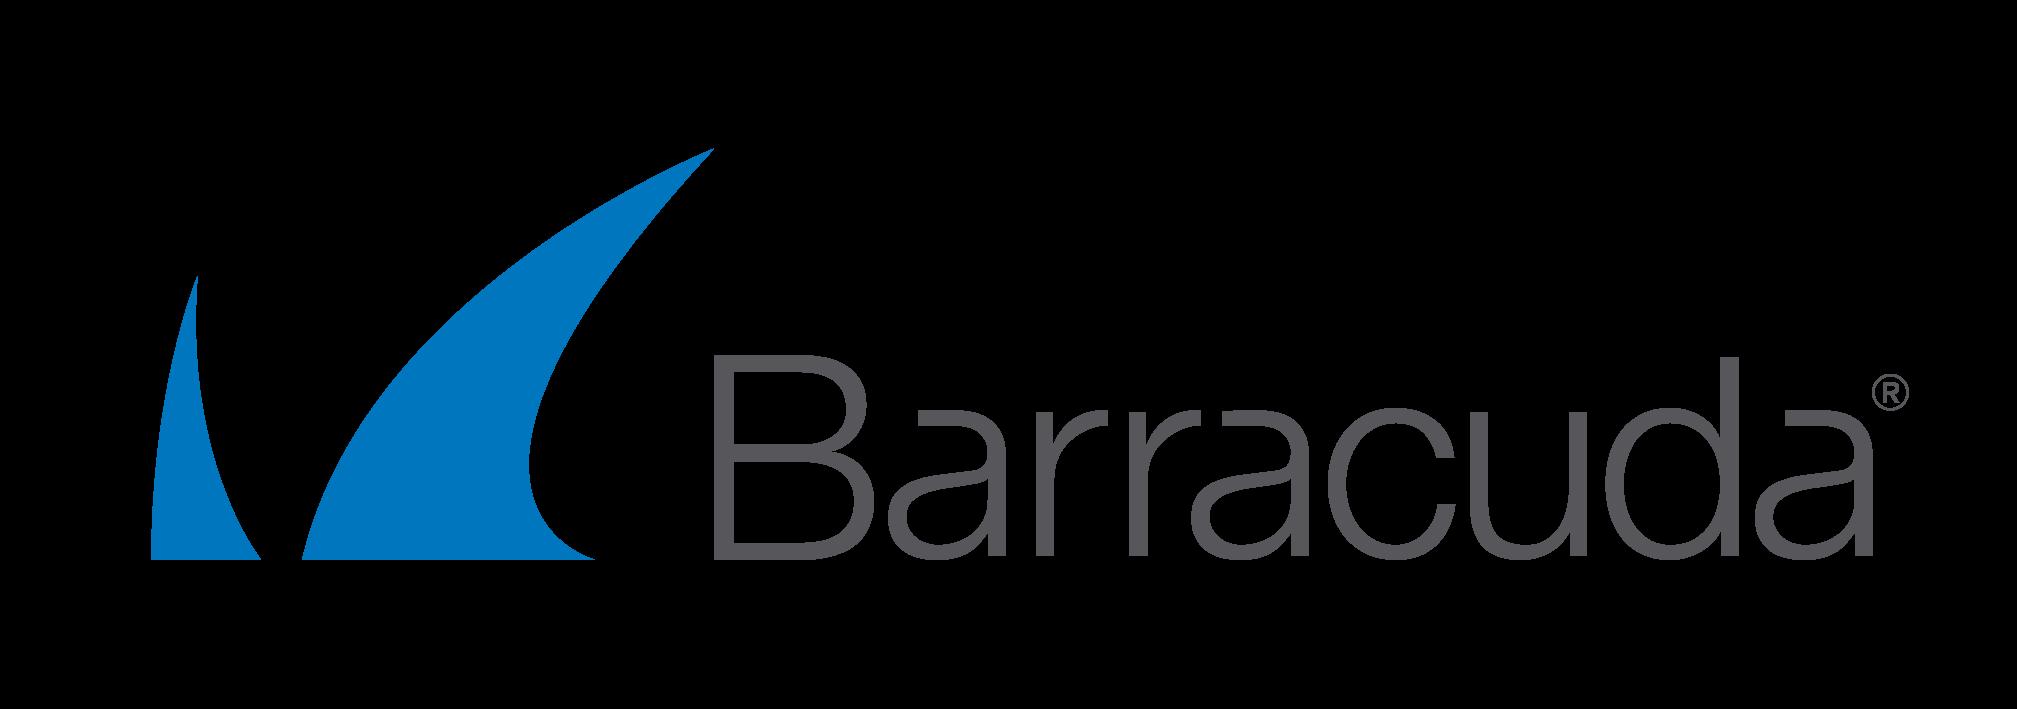 Barracuda Web Application Firewall 460